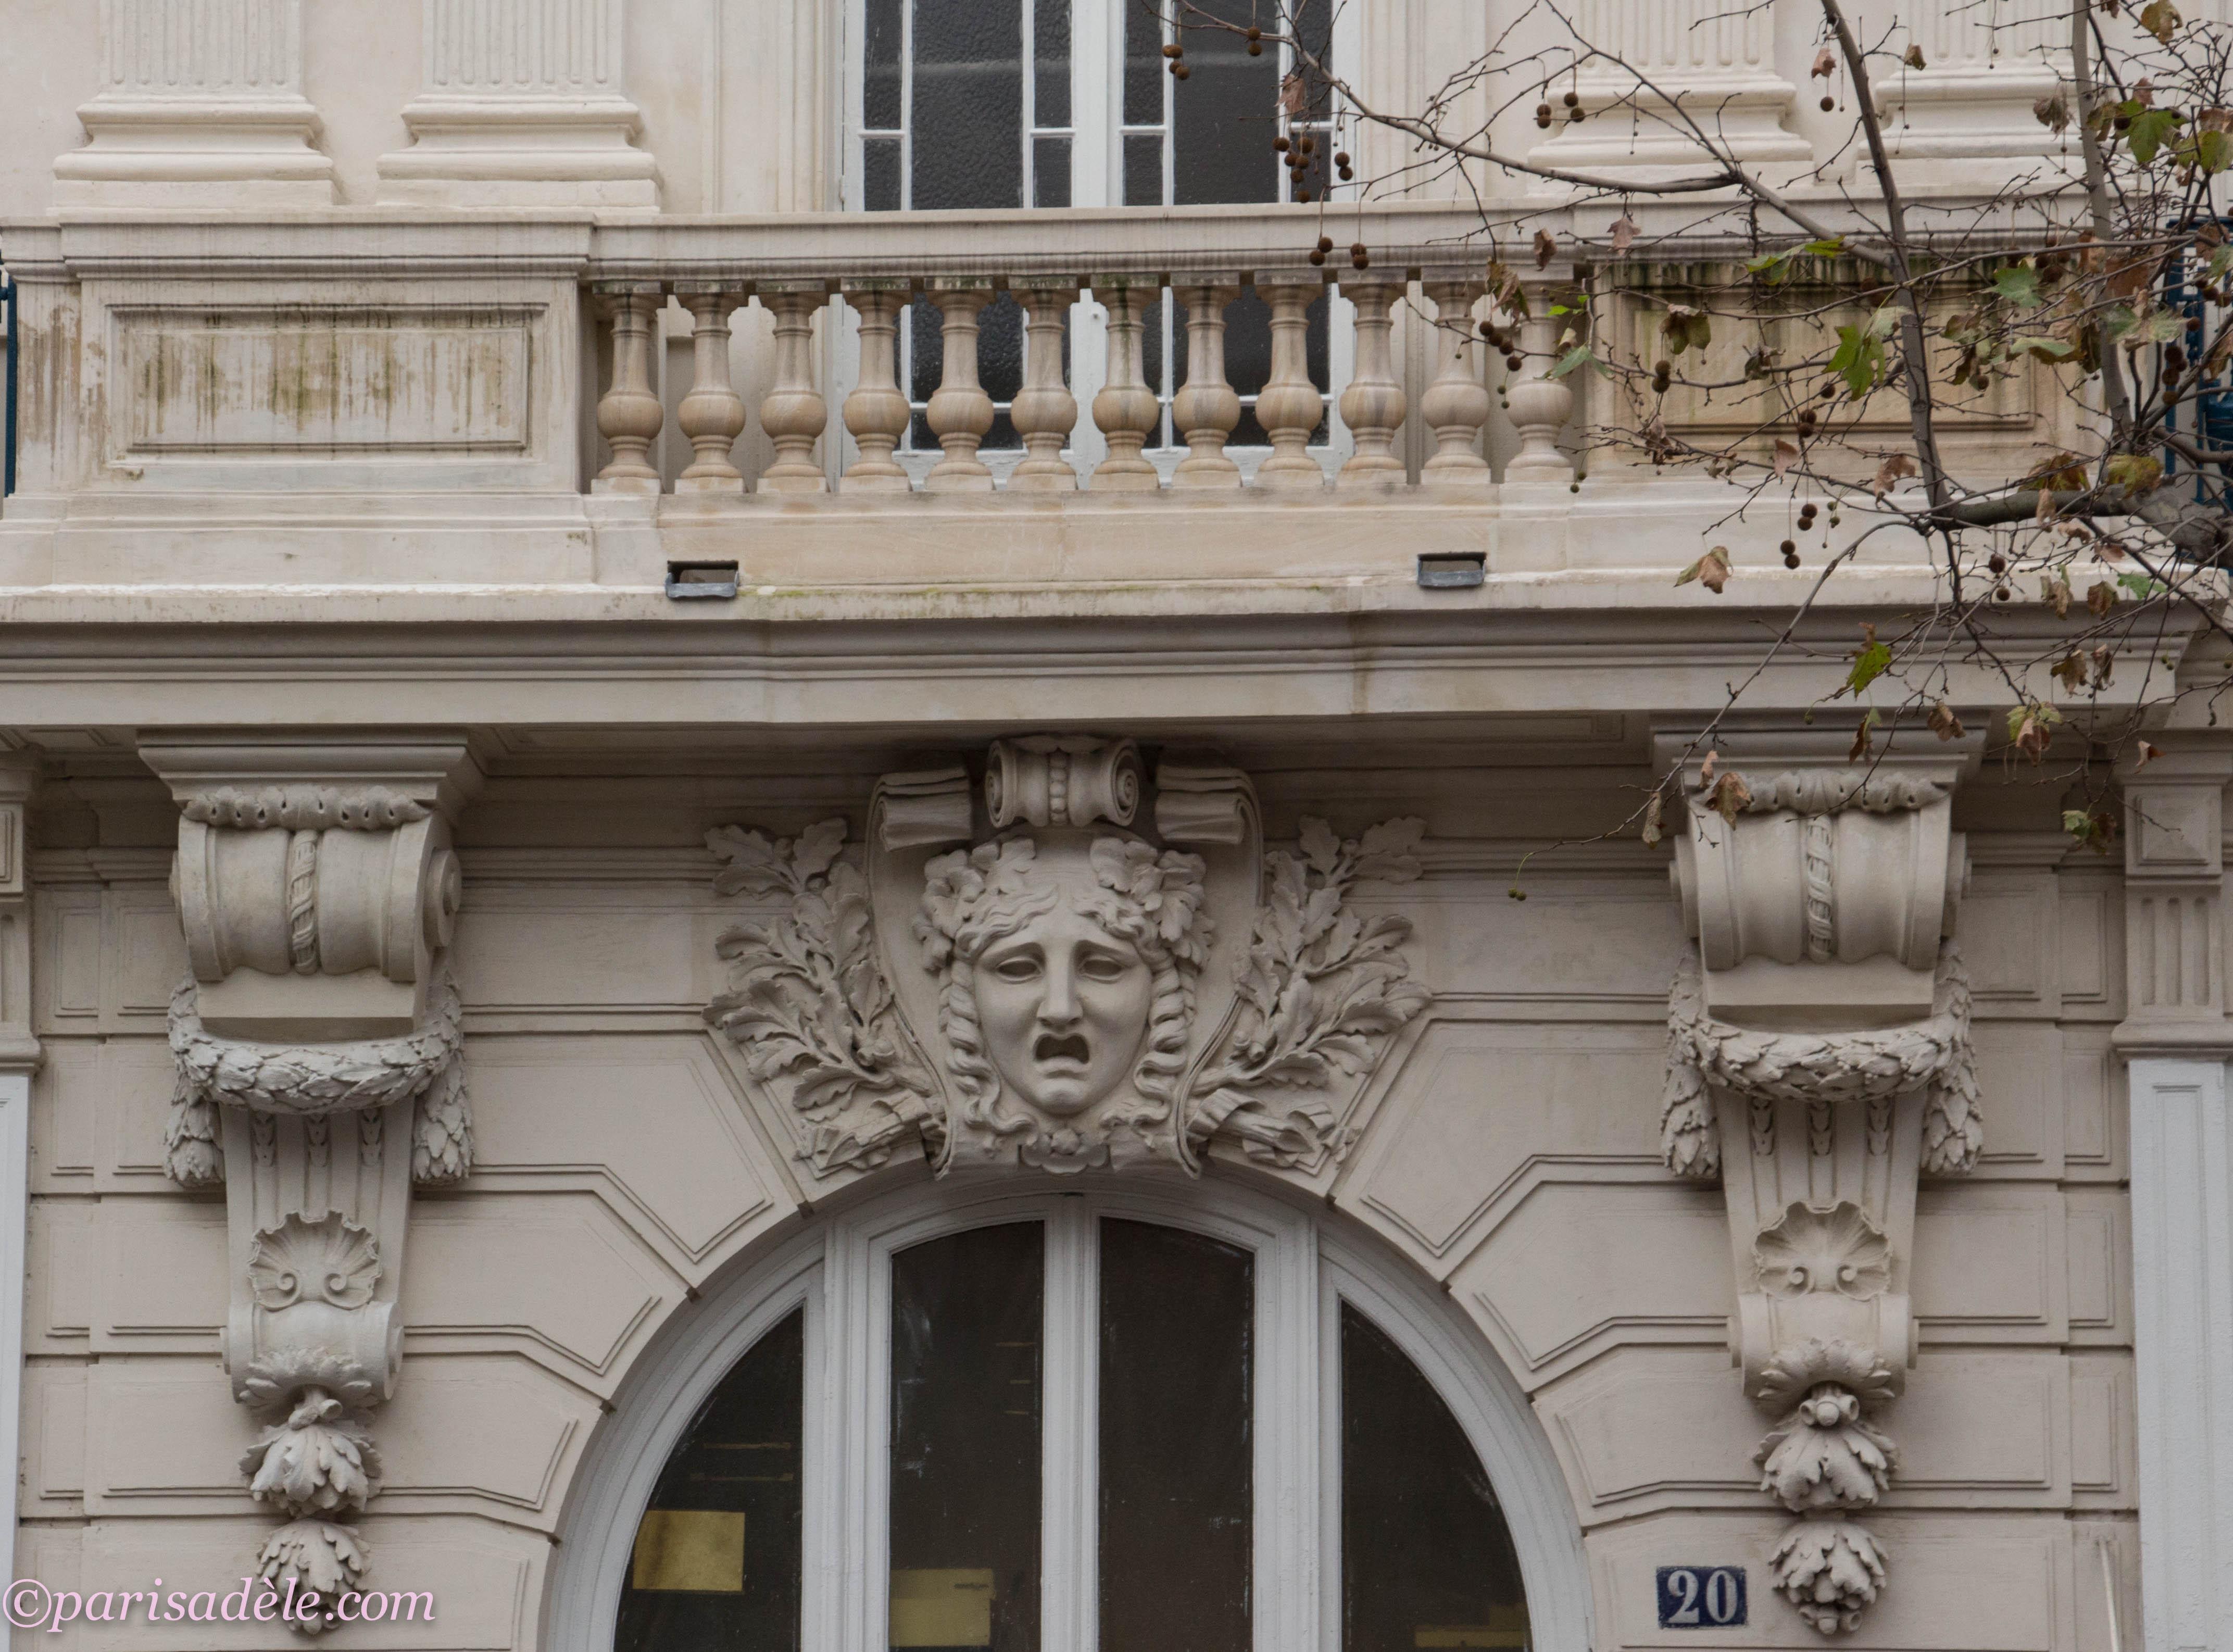 What i don t like about paris paris ad le - Theatre de la porte saint martin 75010 paris ...